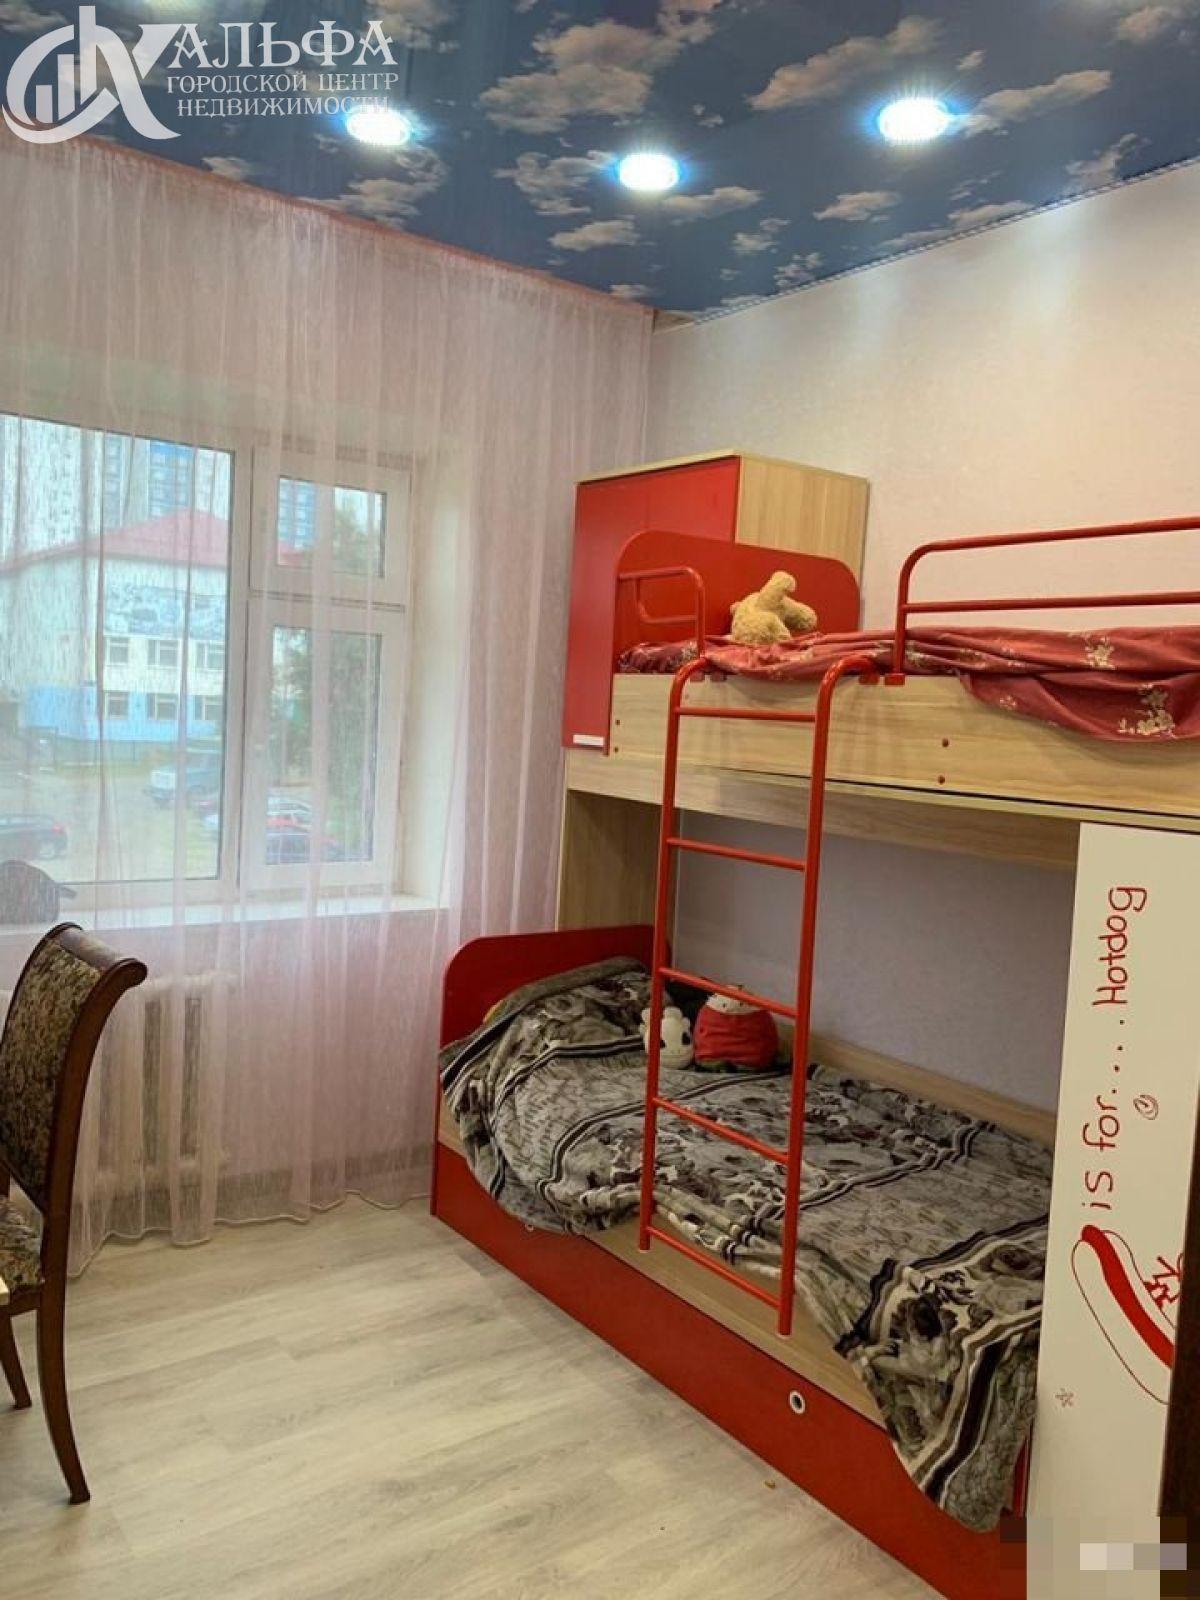 Продам 4-комн. квартиру, Ханты-Мансийский Автономный округ - Югра, Нижневартовск, Северная улица, 62